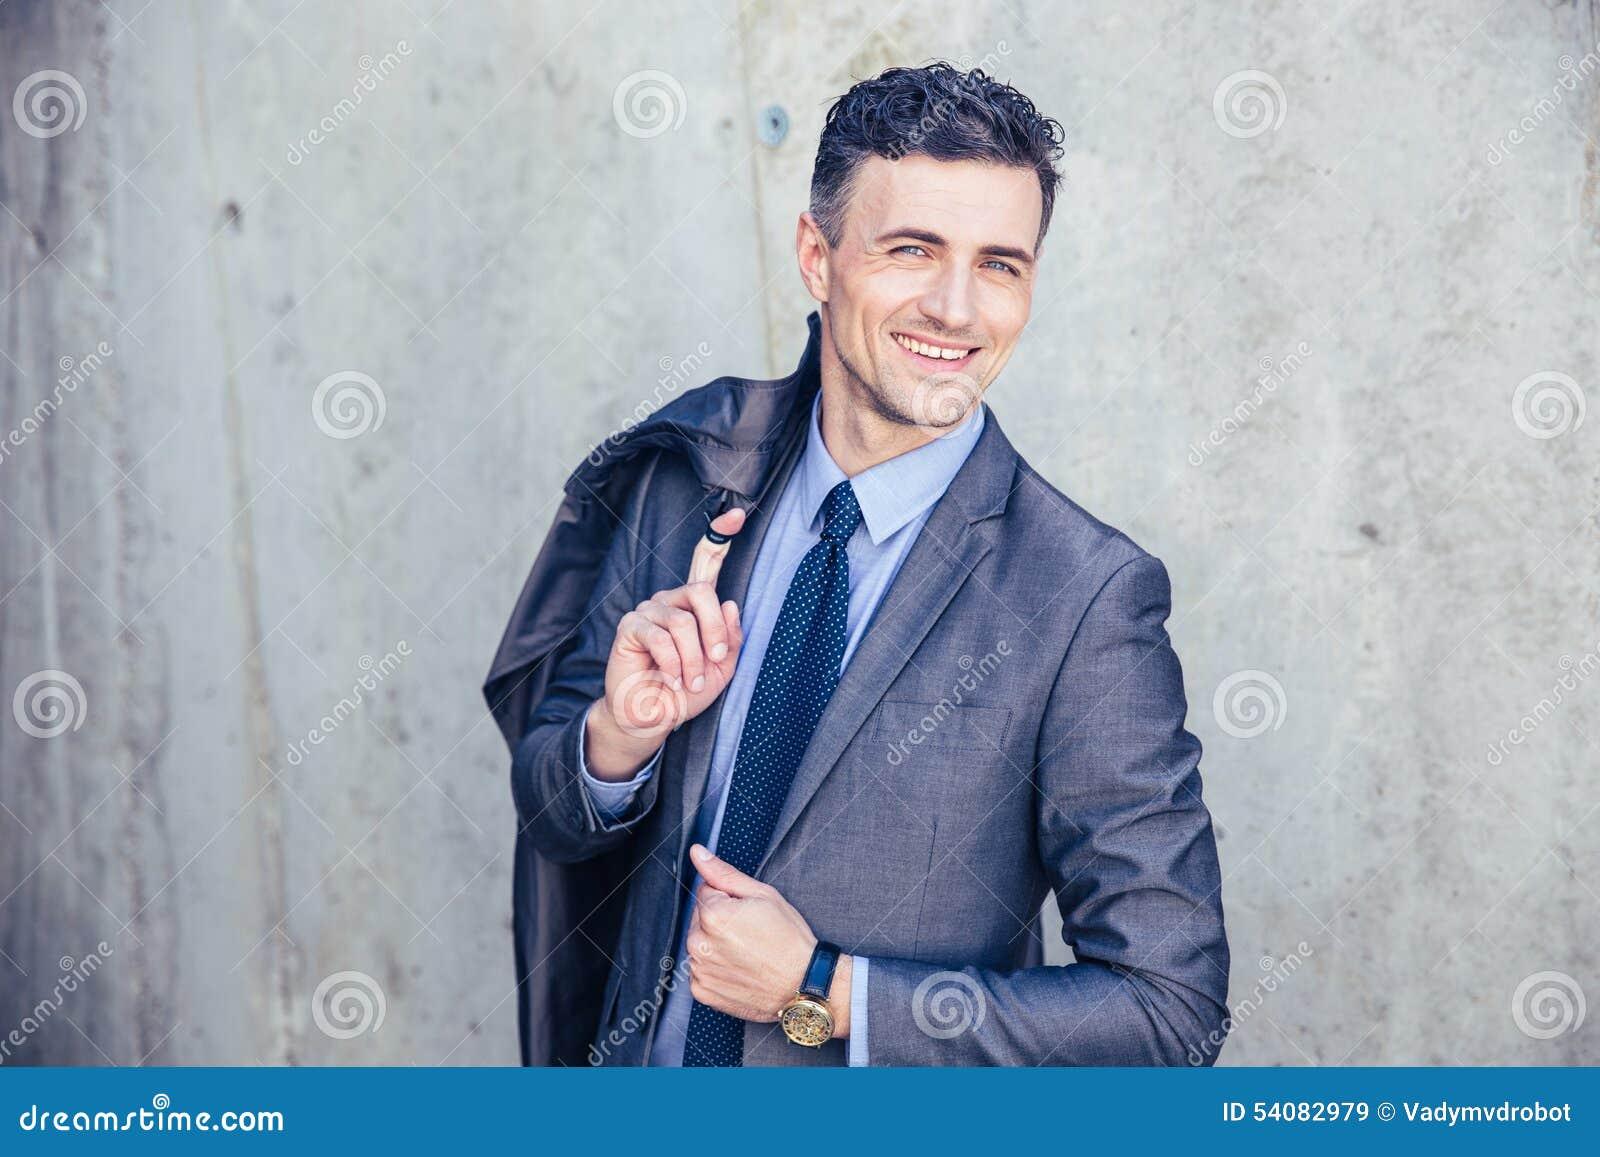 Portret van een gelukkige zakenman